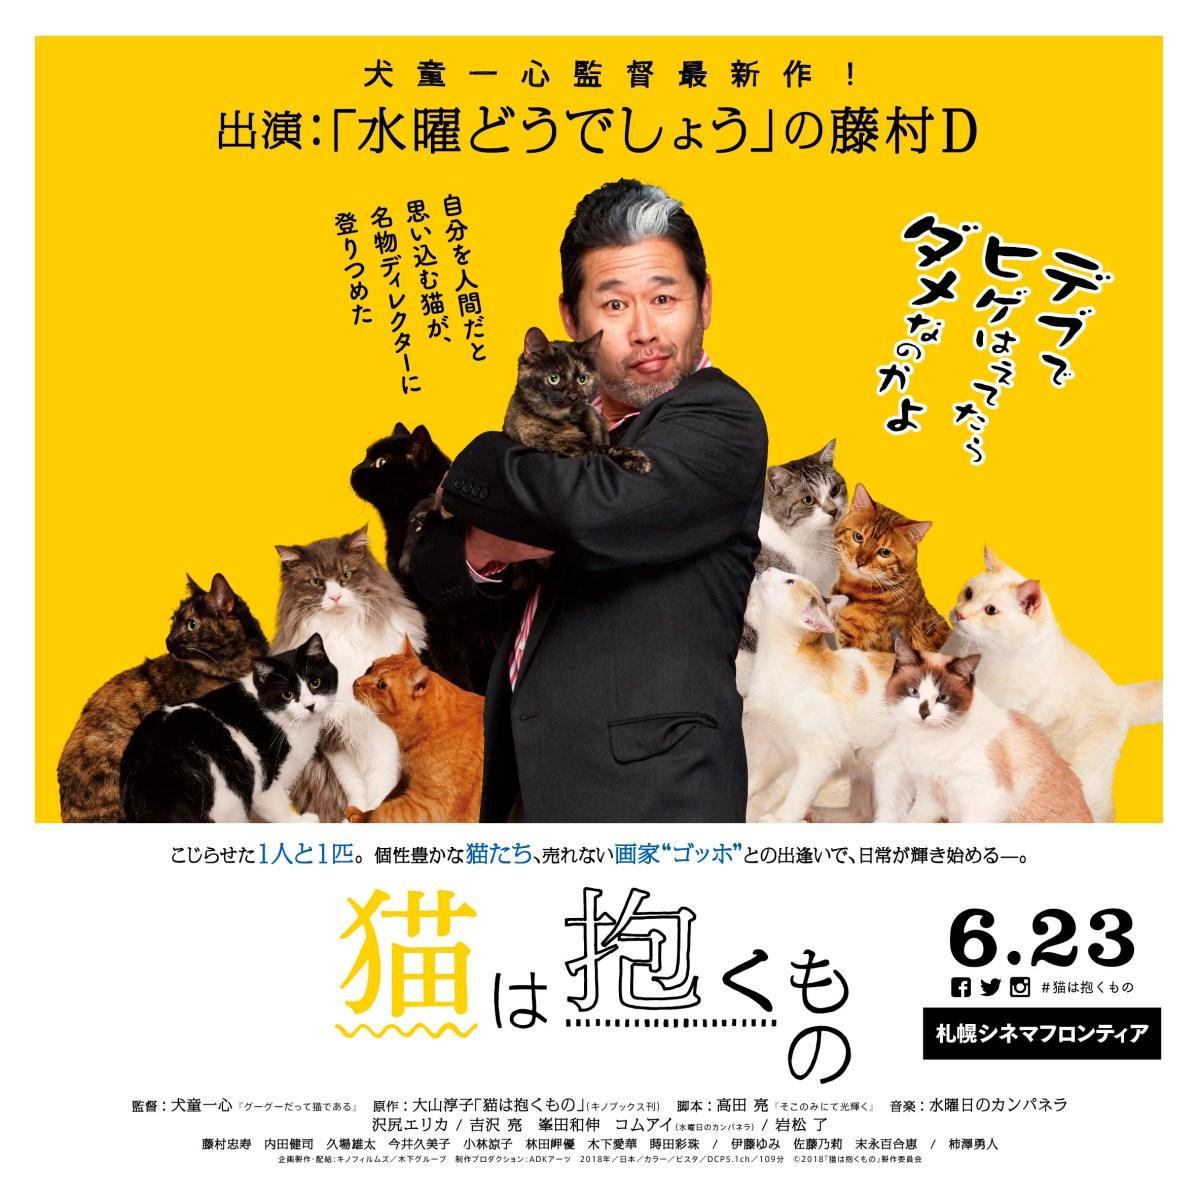 「水曜どうでしょう」の藤村D(藤村忠寿)ついに主演映画!?『猫は抱くもの』北海道限定キービジュアル・バナー解禁!!